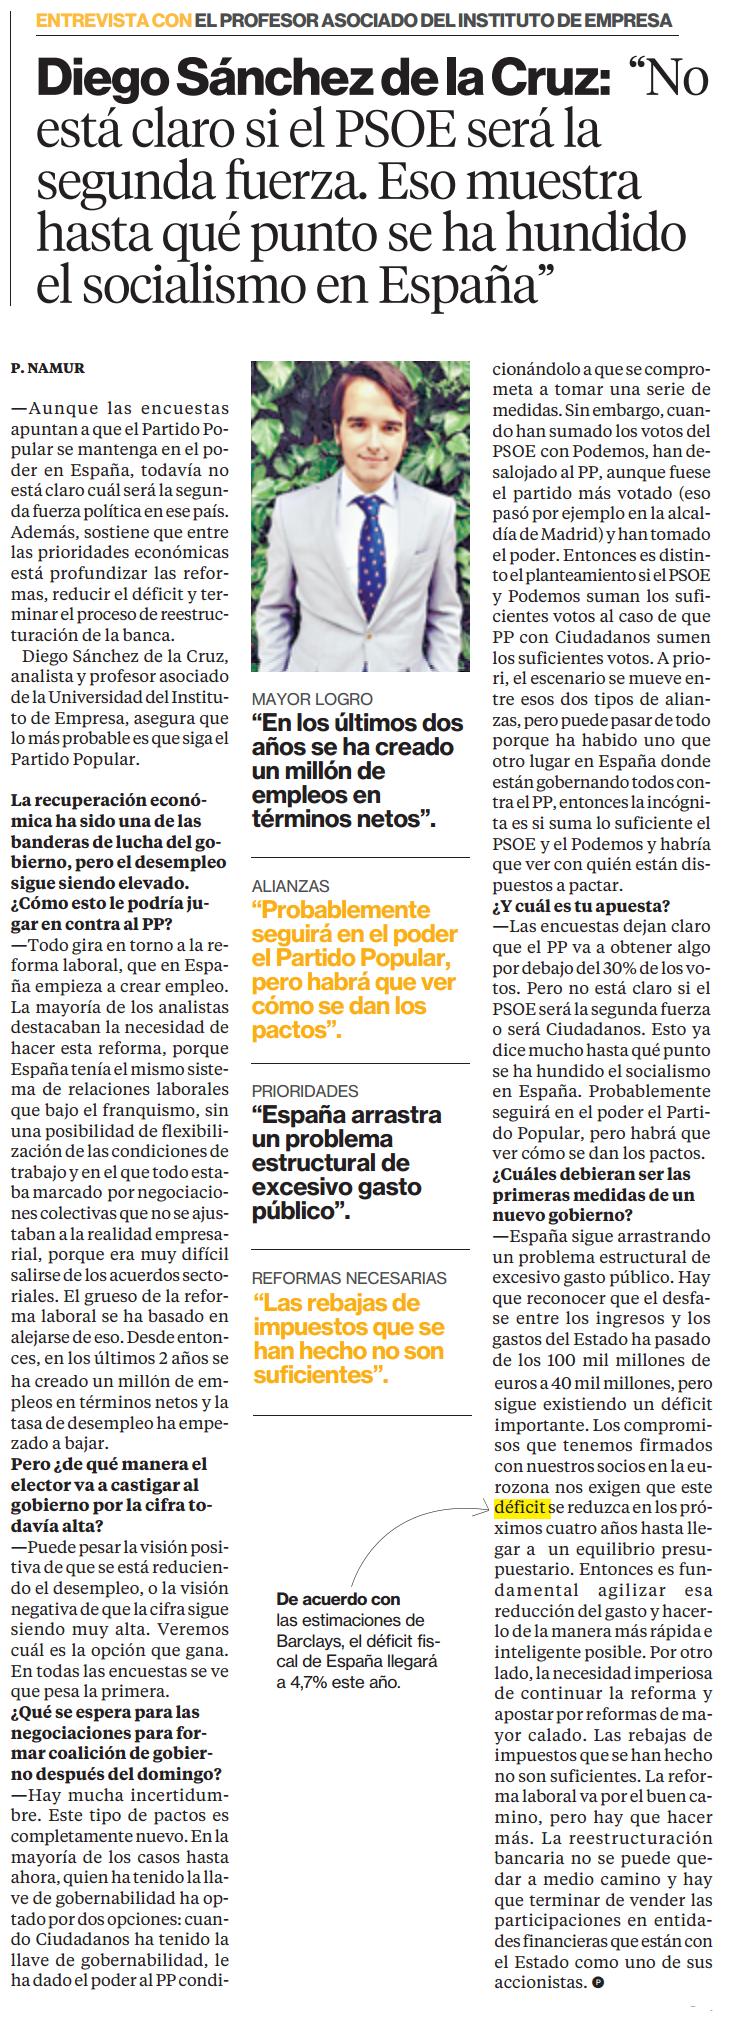 Pulso-Entrevista-Diego-Sanchez-de-la-Cruz